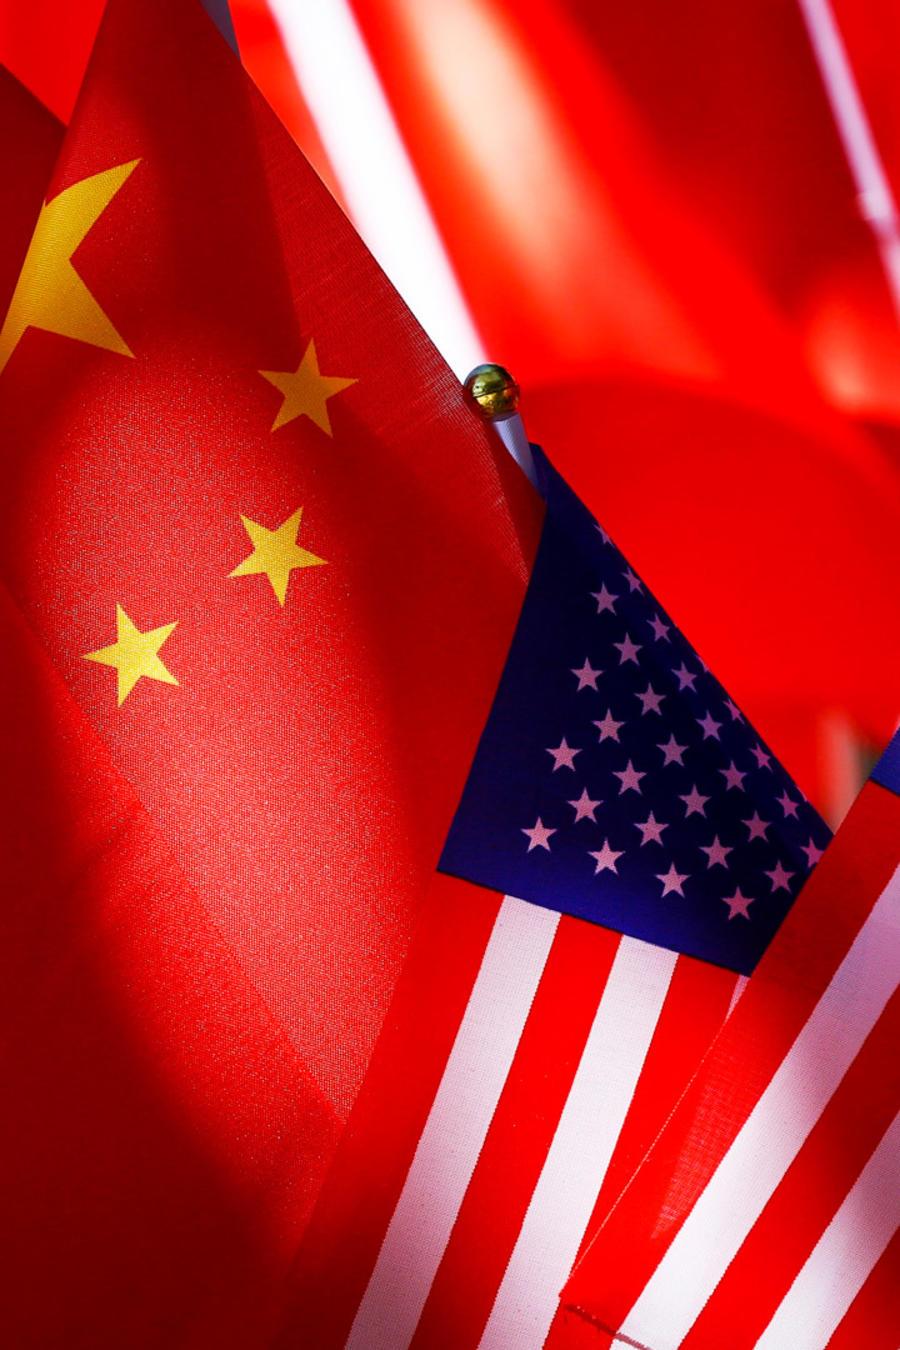 Banderas de China y EEUU en una imagen de archivo